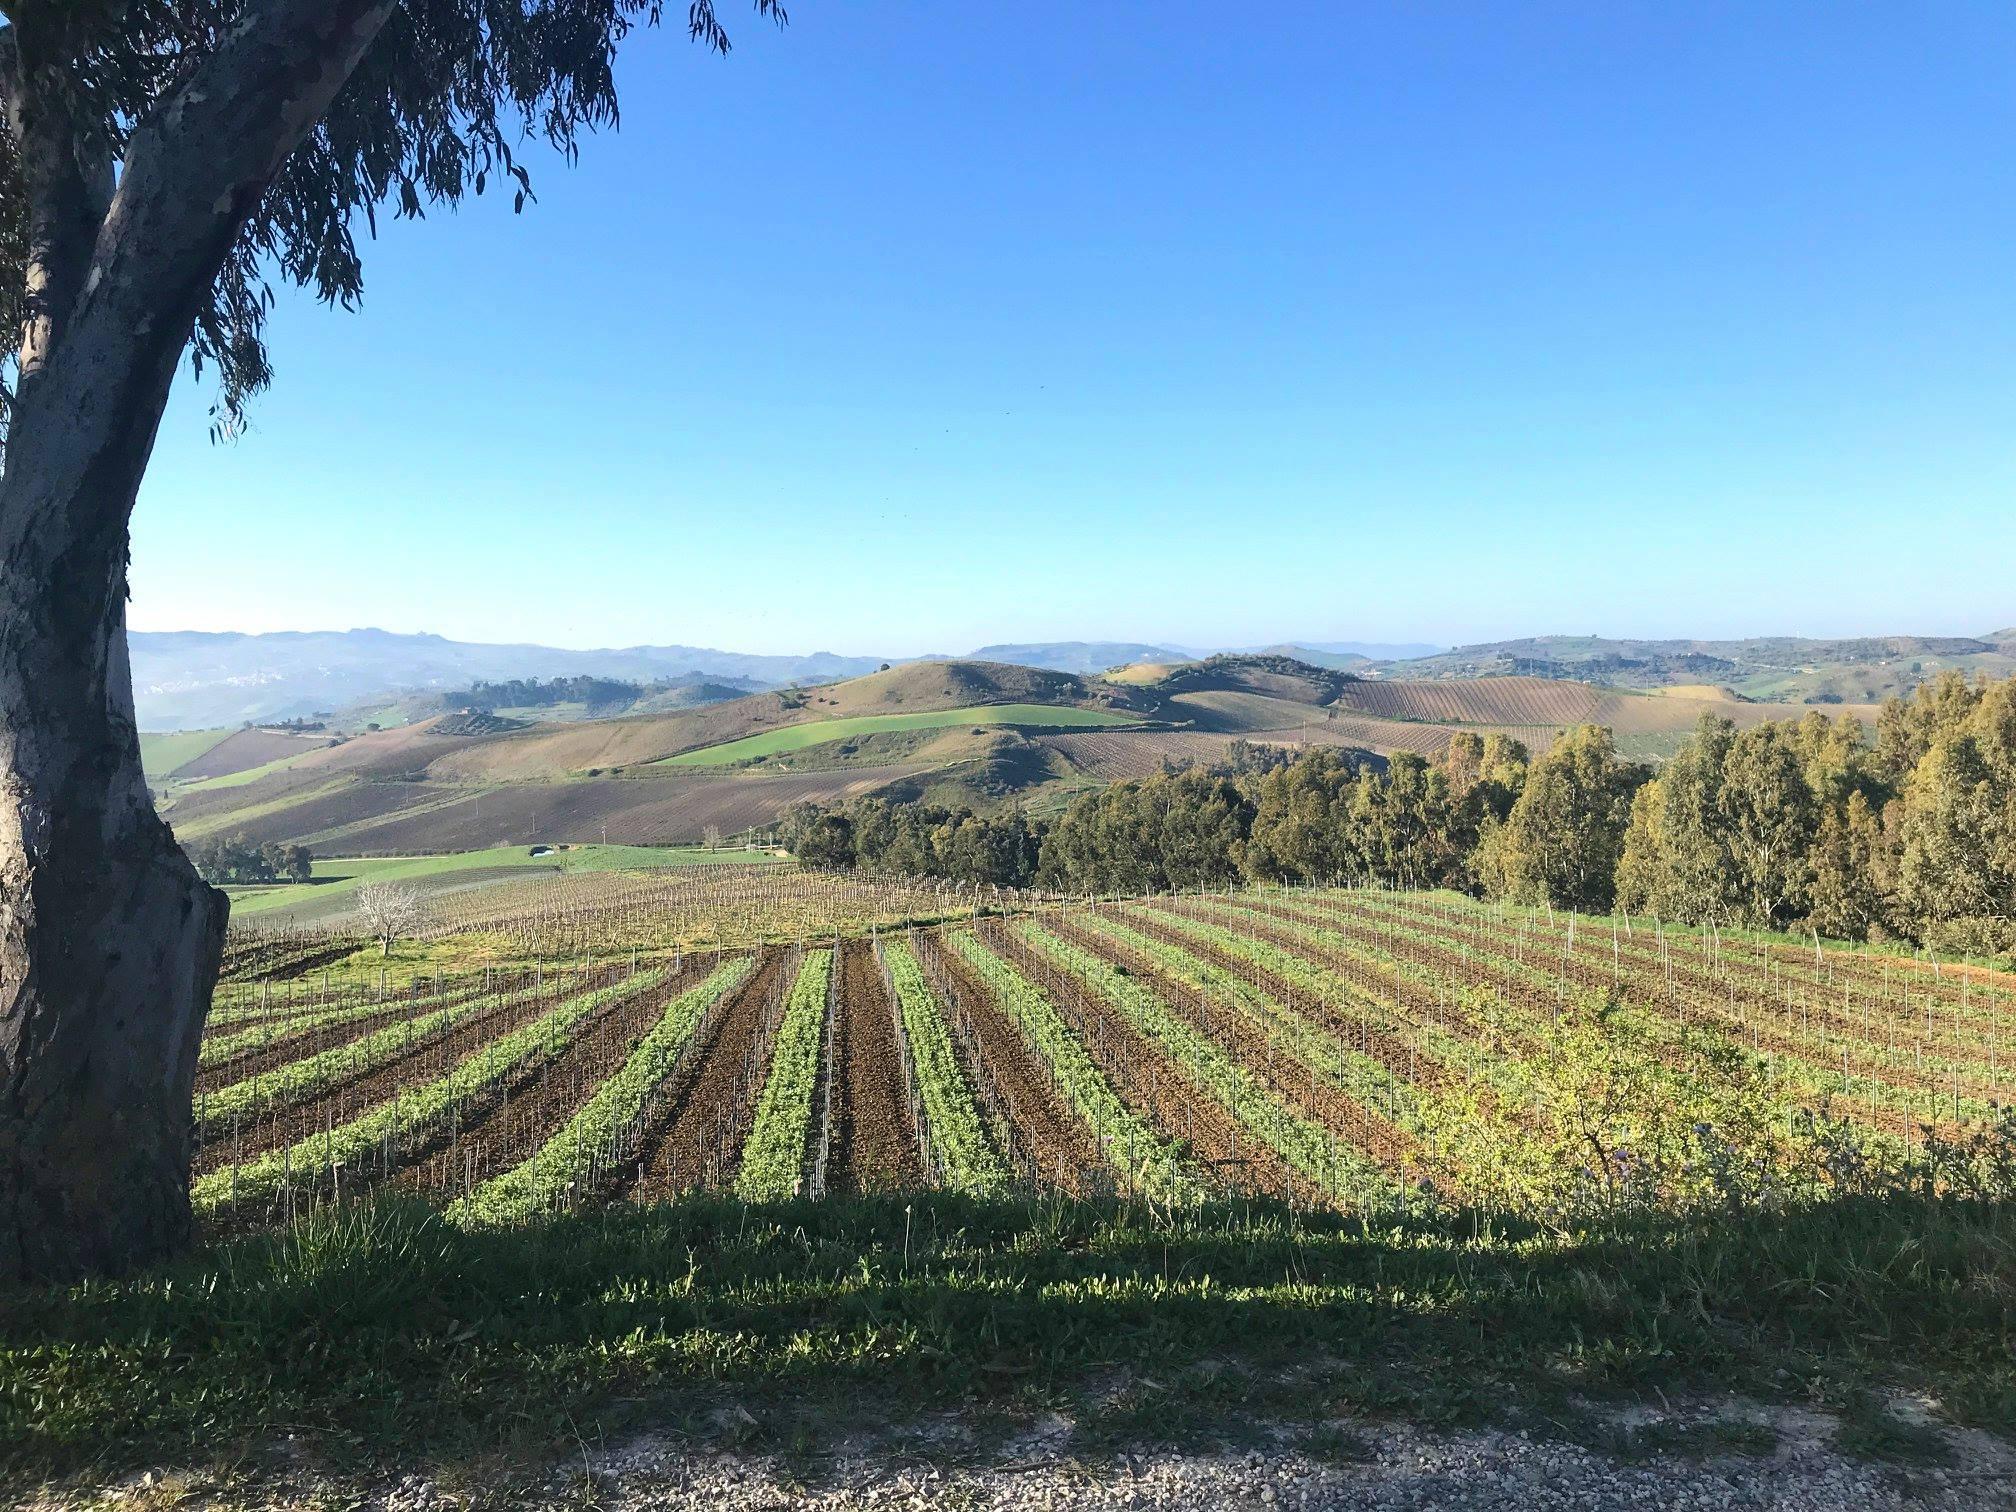 Azienda vinicola Tasca d'Almerita